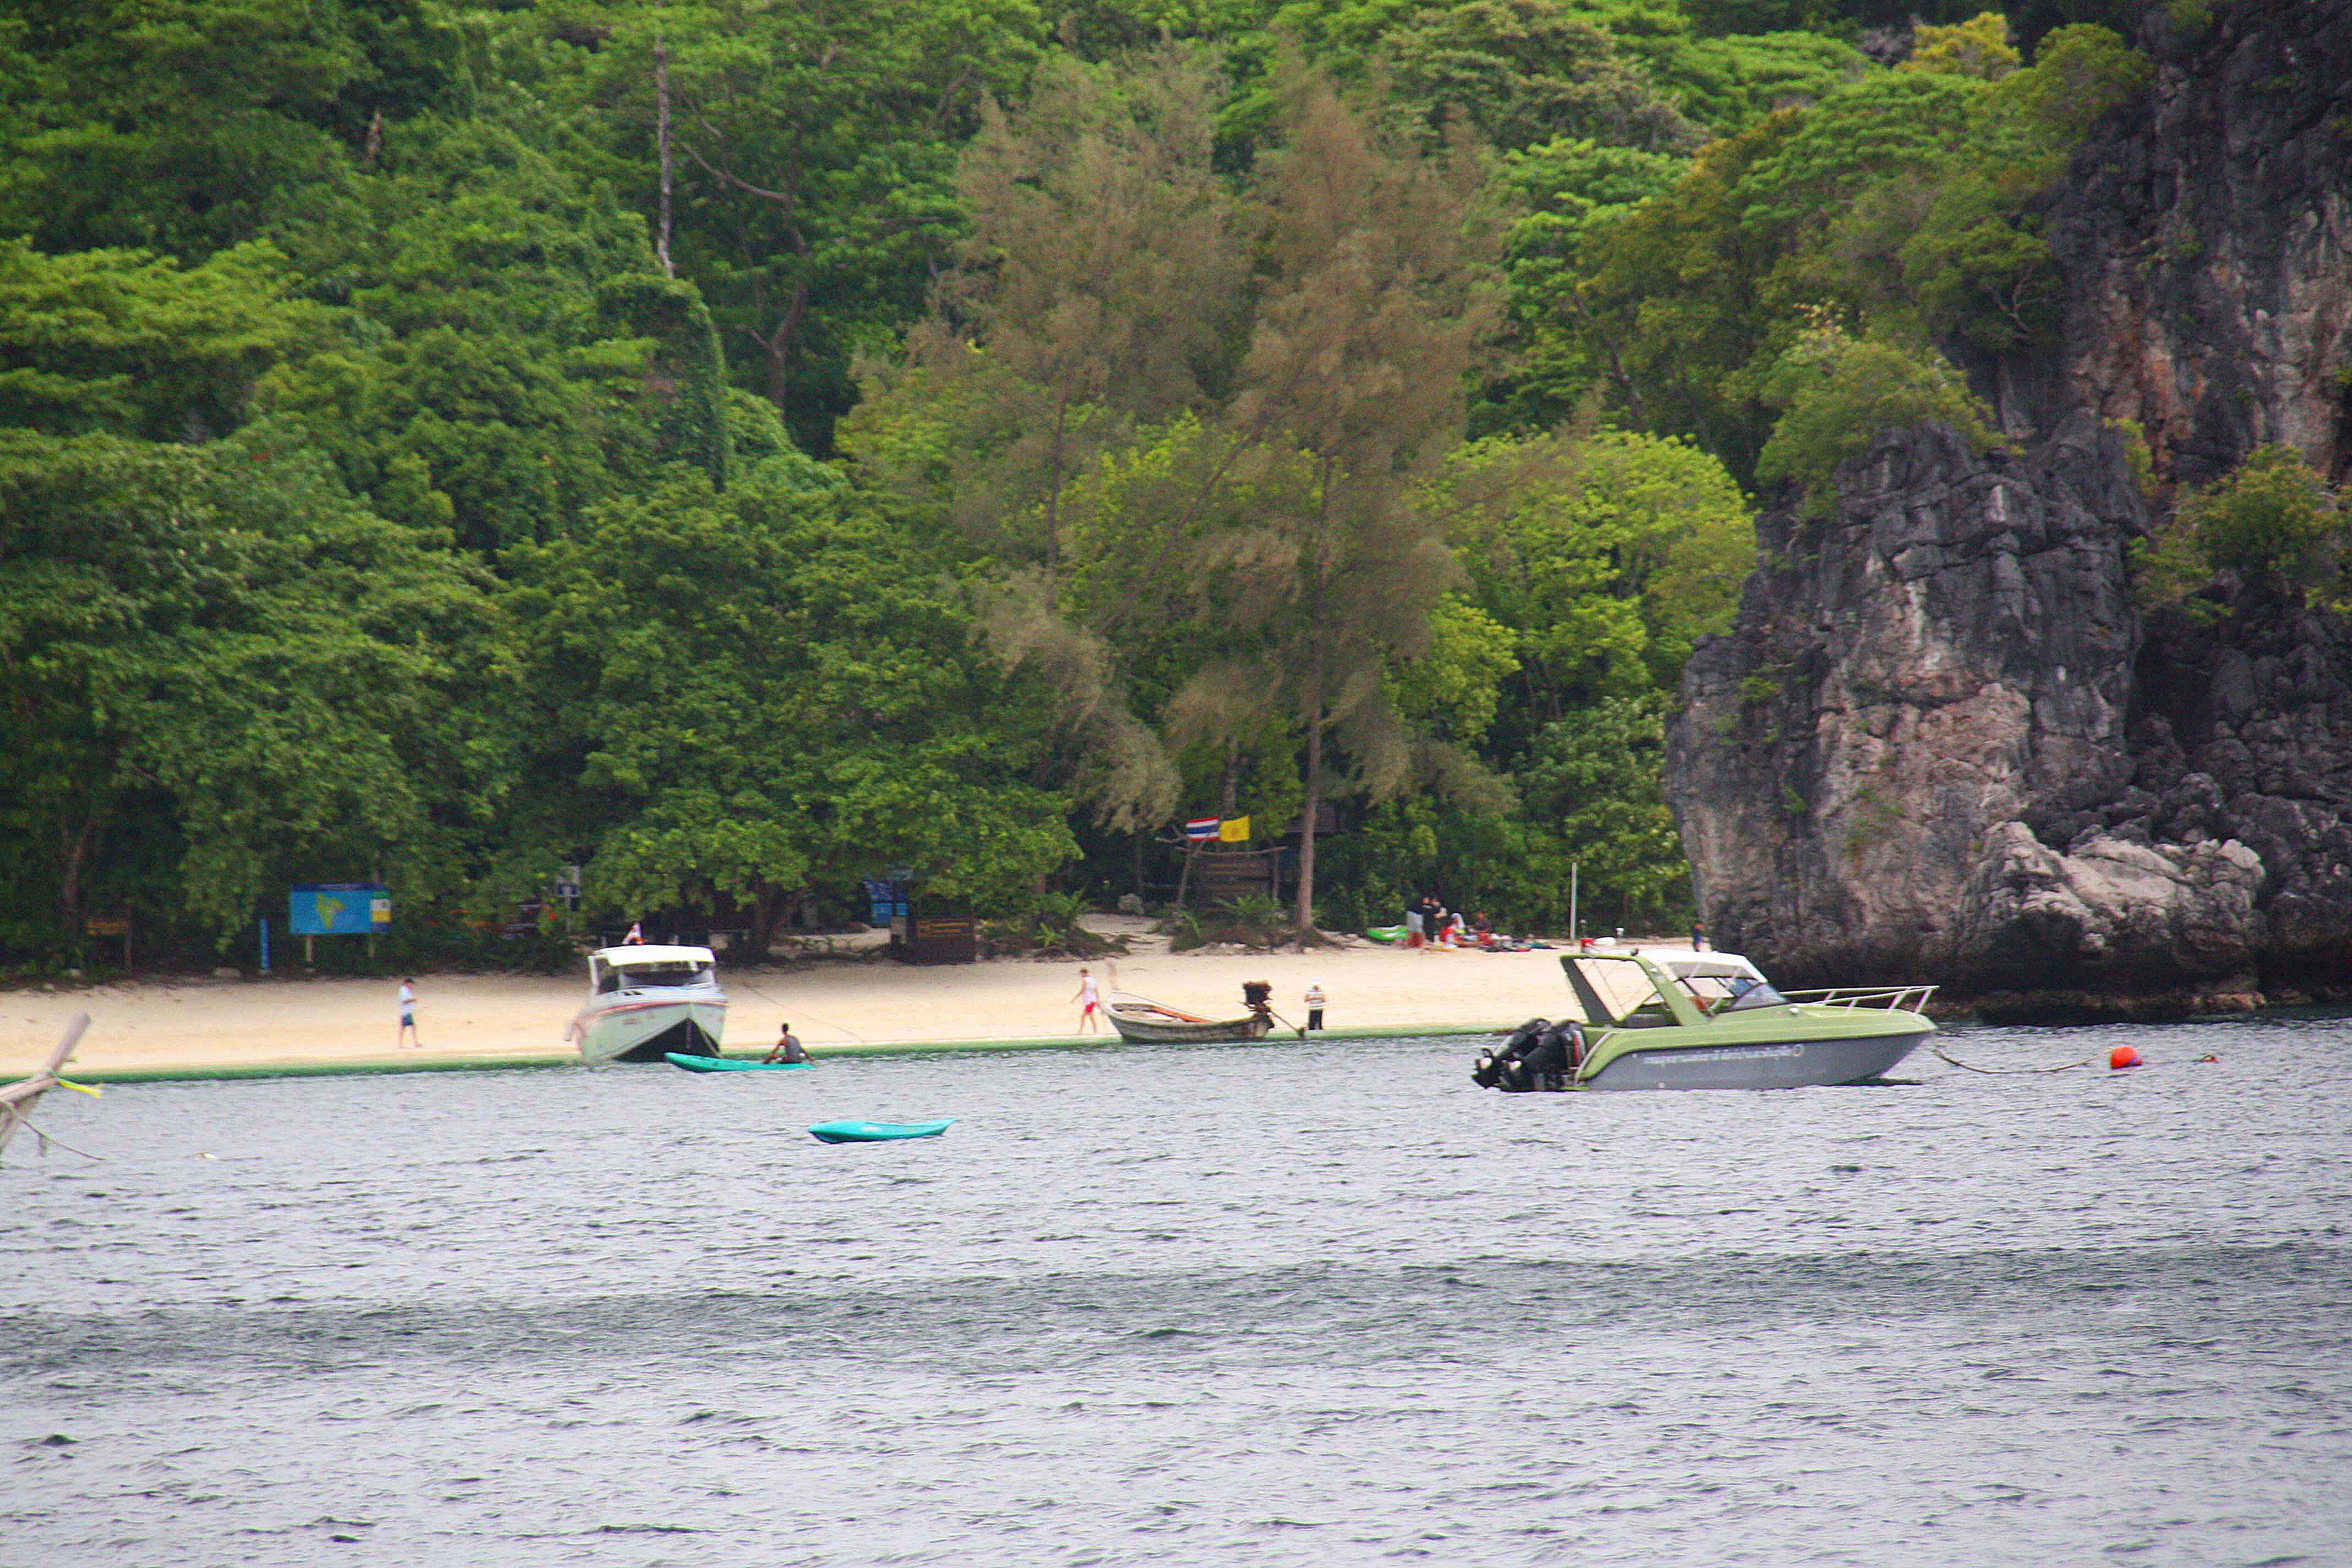 Тайланд. Остров Ко Яао Ной и архипелаг Ко Хонг